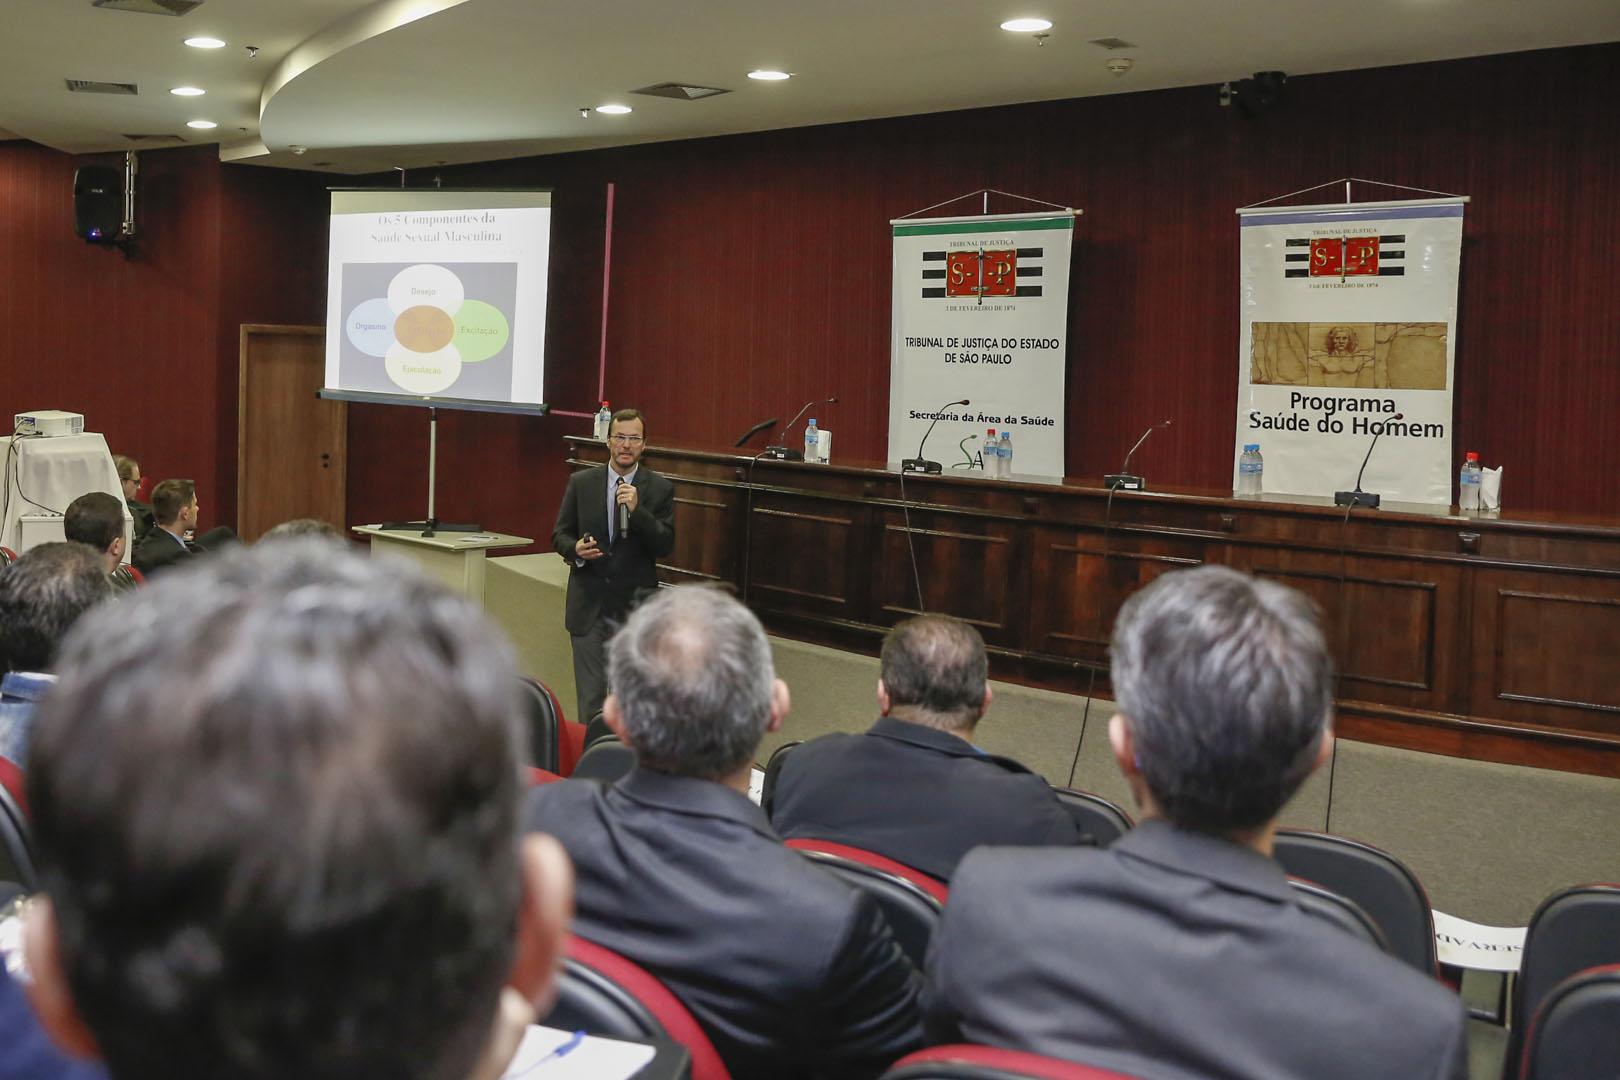 """Servidores do Tribunal participam do """"Programa Saúde do Homem 2017"""""""